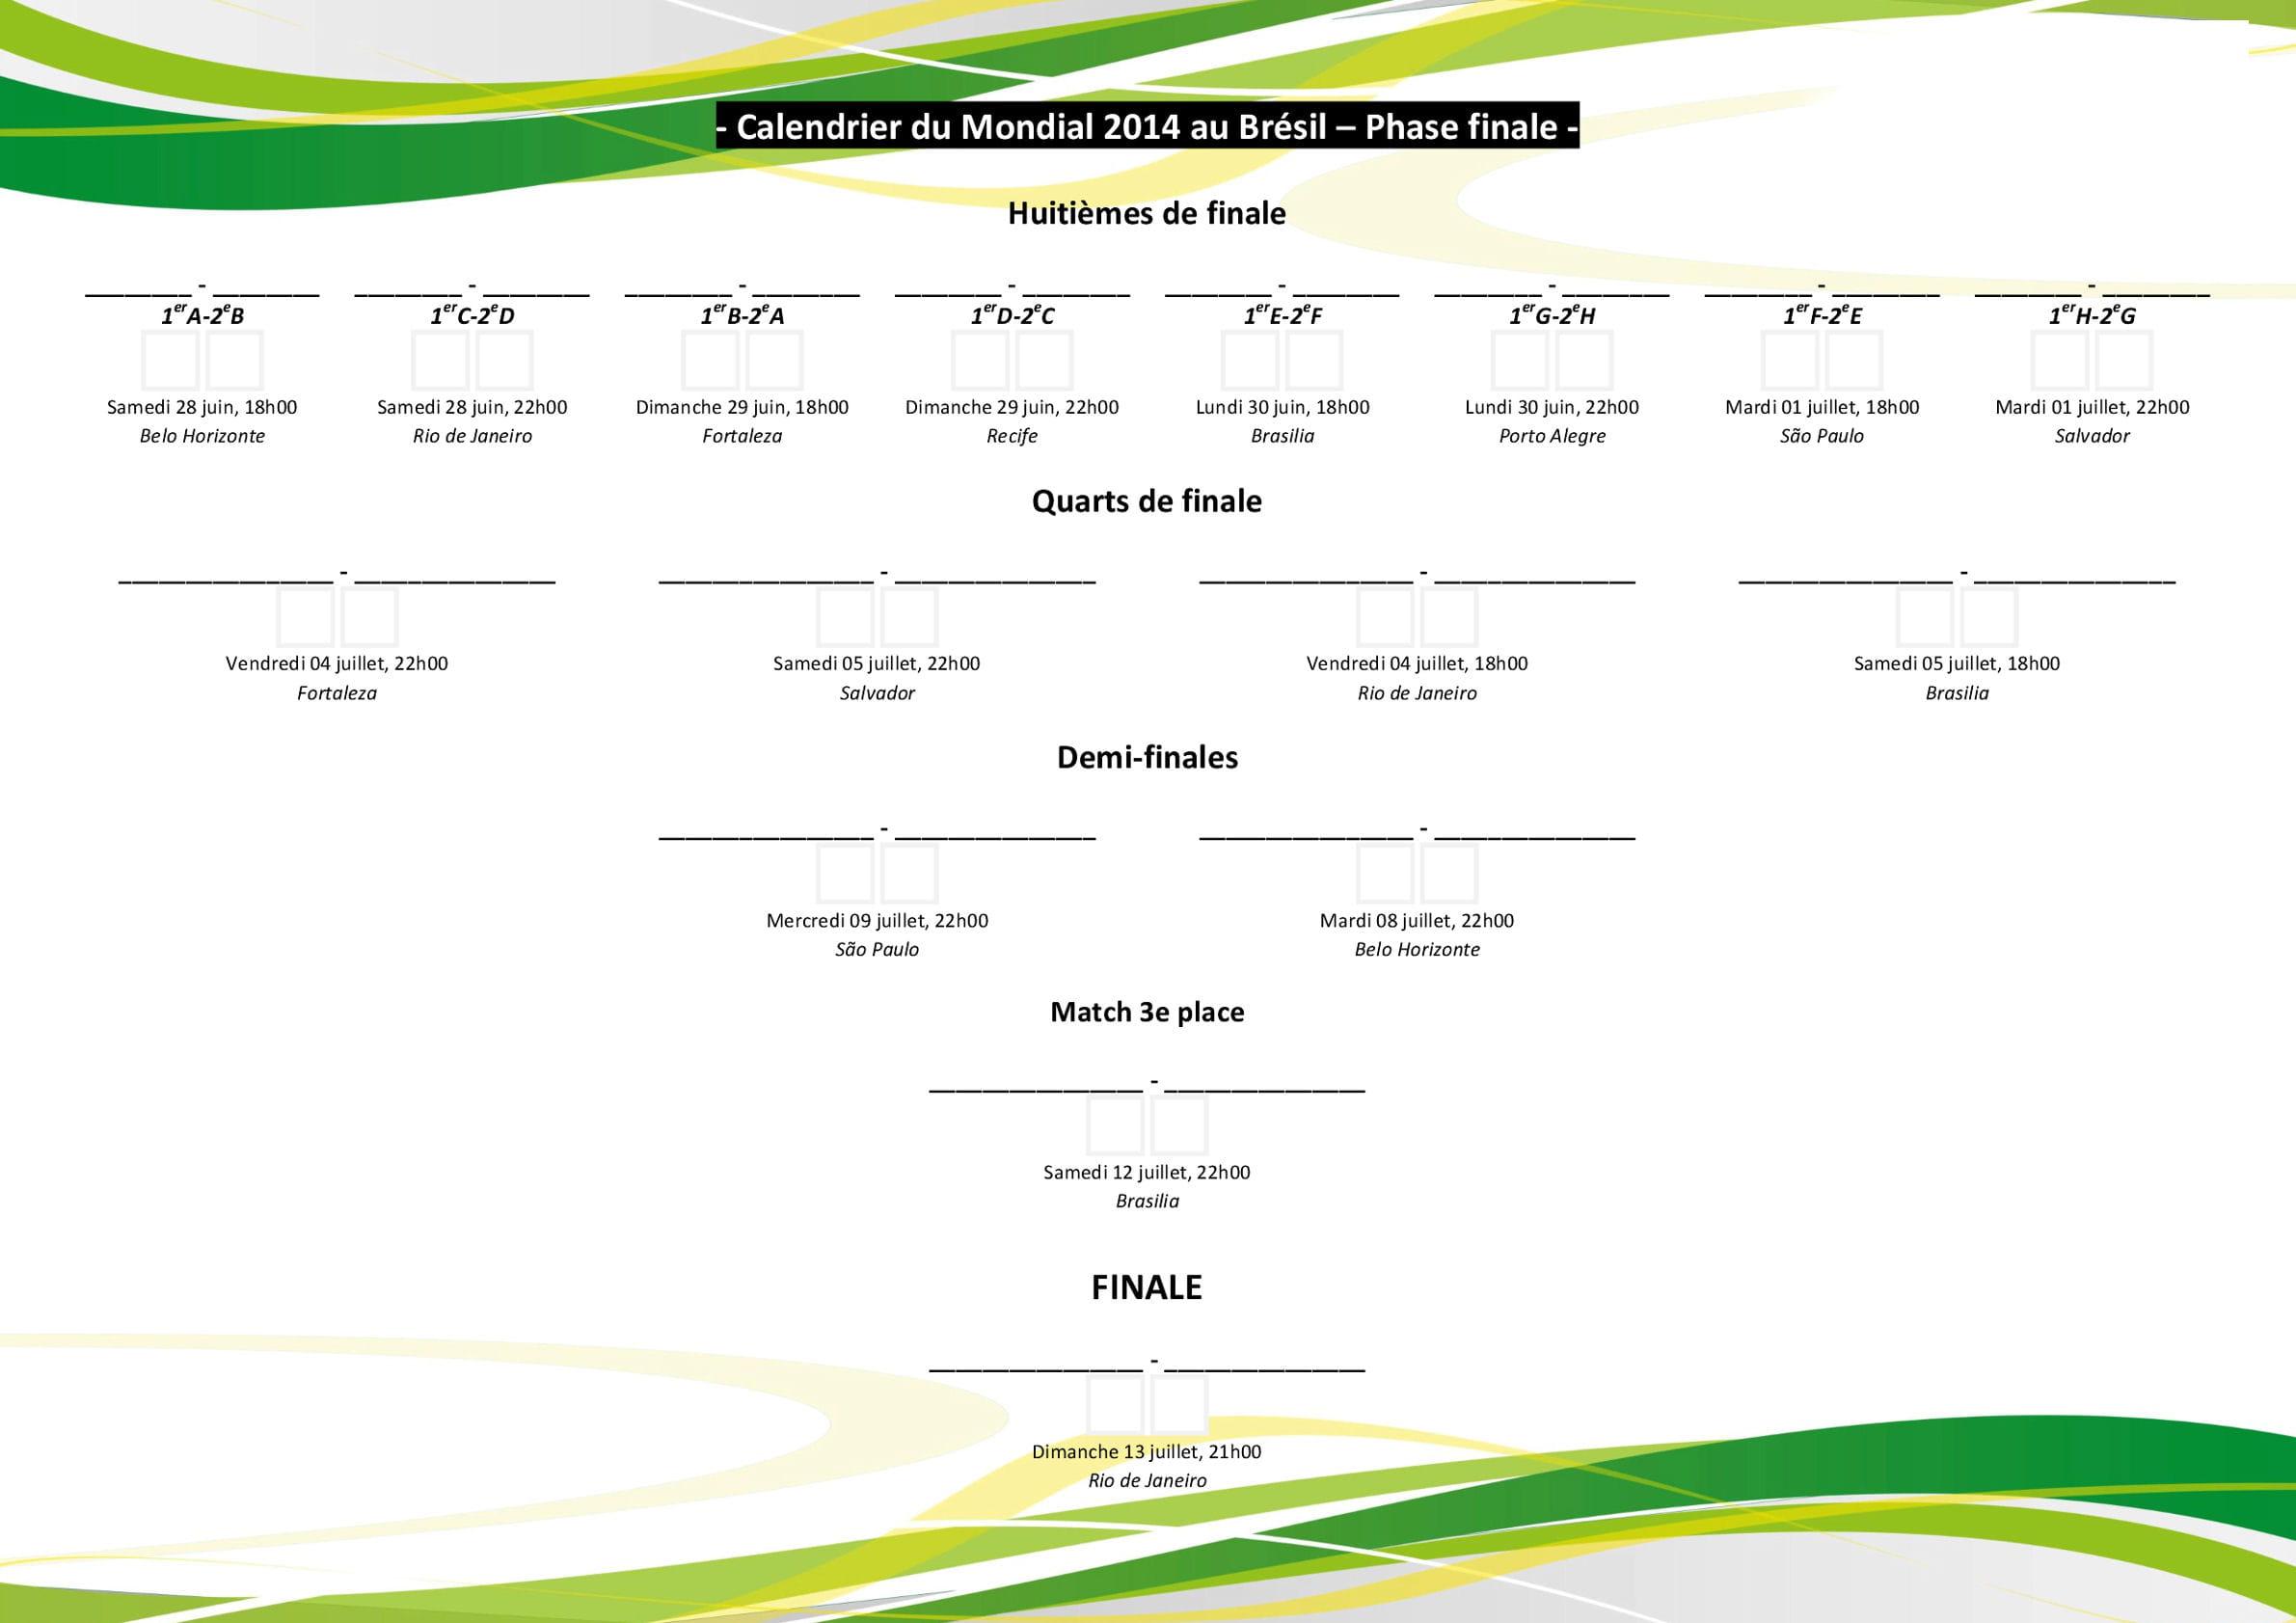 Calendrier mondial 2014 le programme t l charger pdf - Calendrier coupe du monde 2014 ...